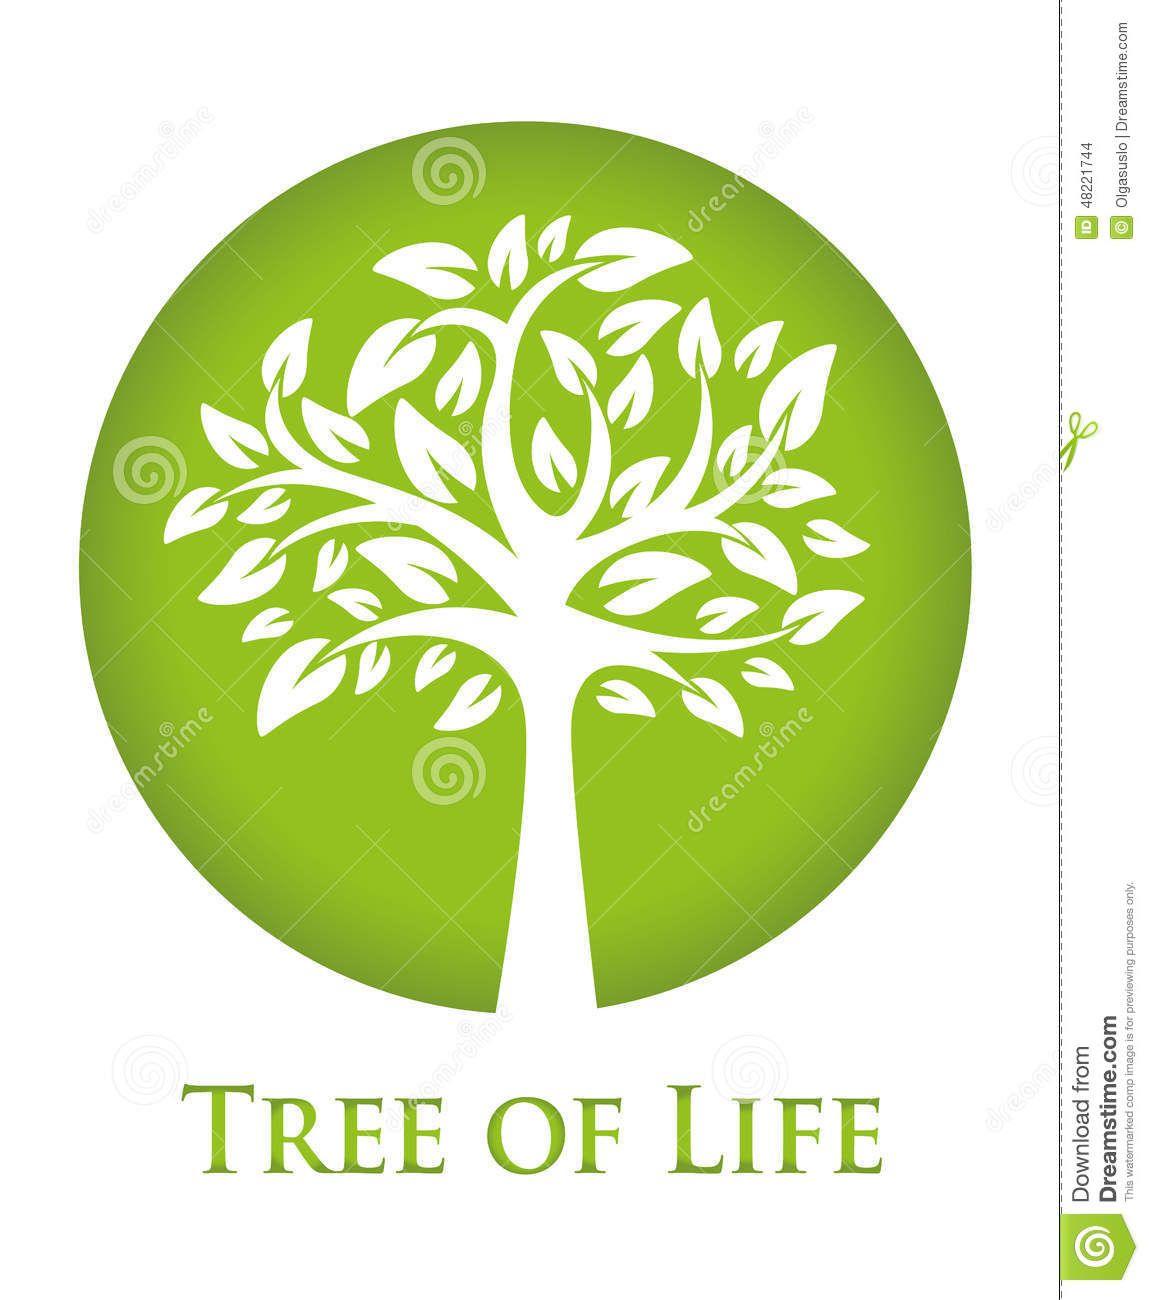 Árbol De La Vida Ilustración del Vector - Imagen: 48221744 | 123 ...